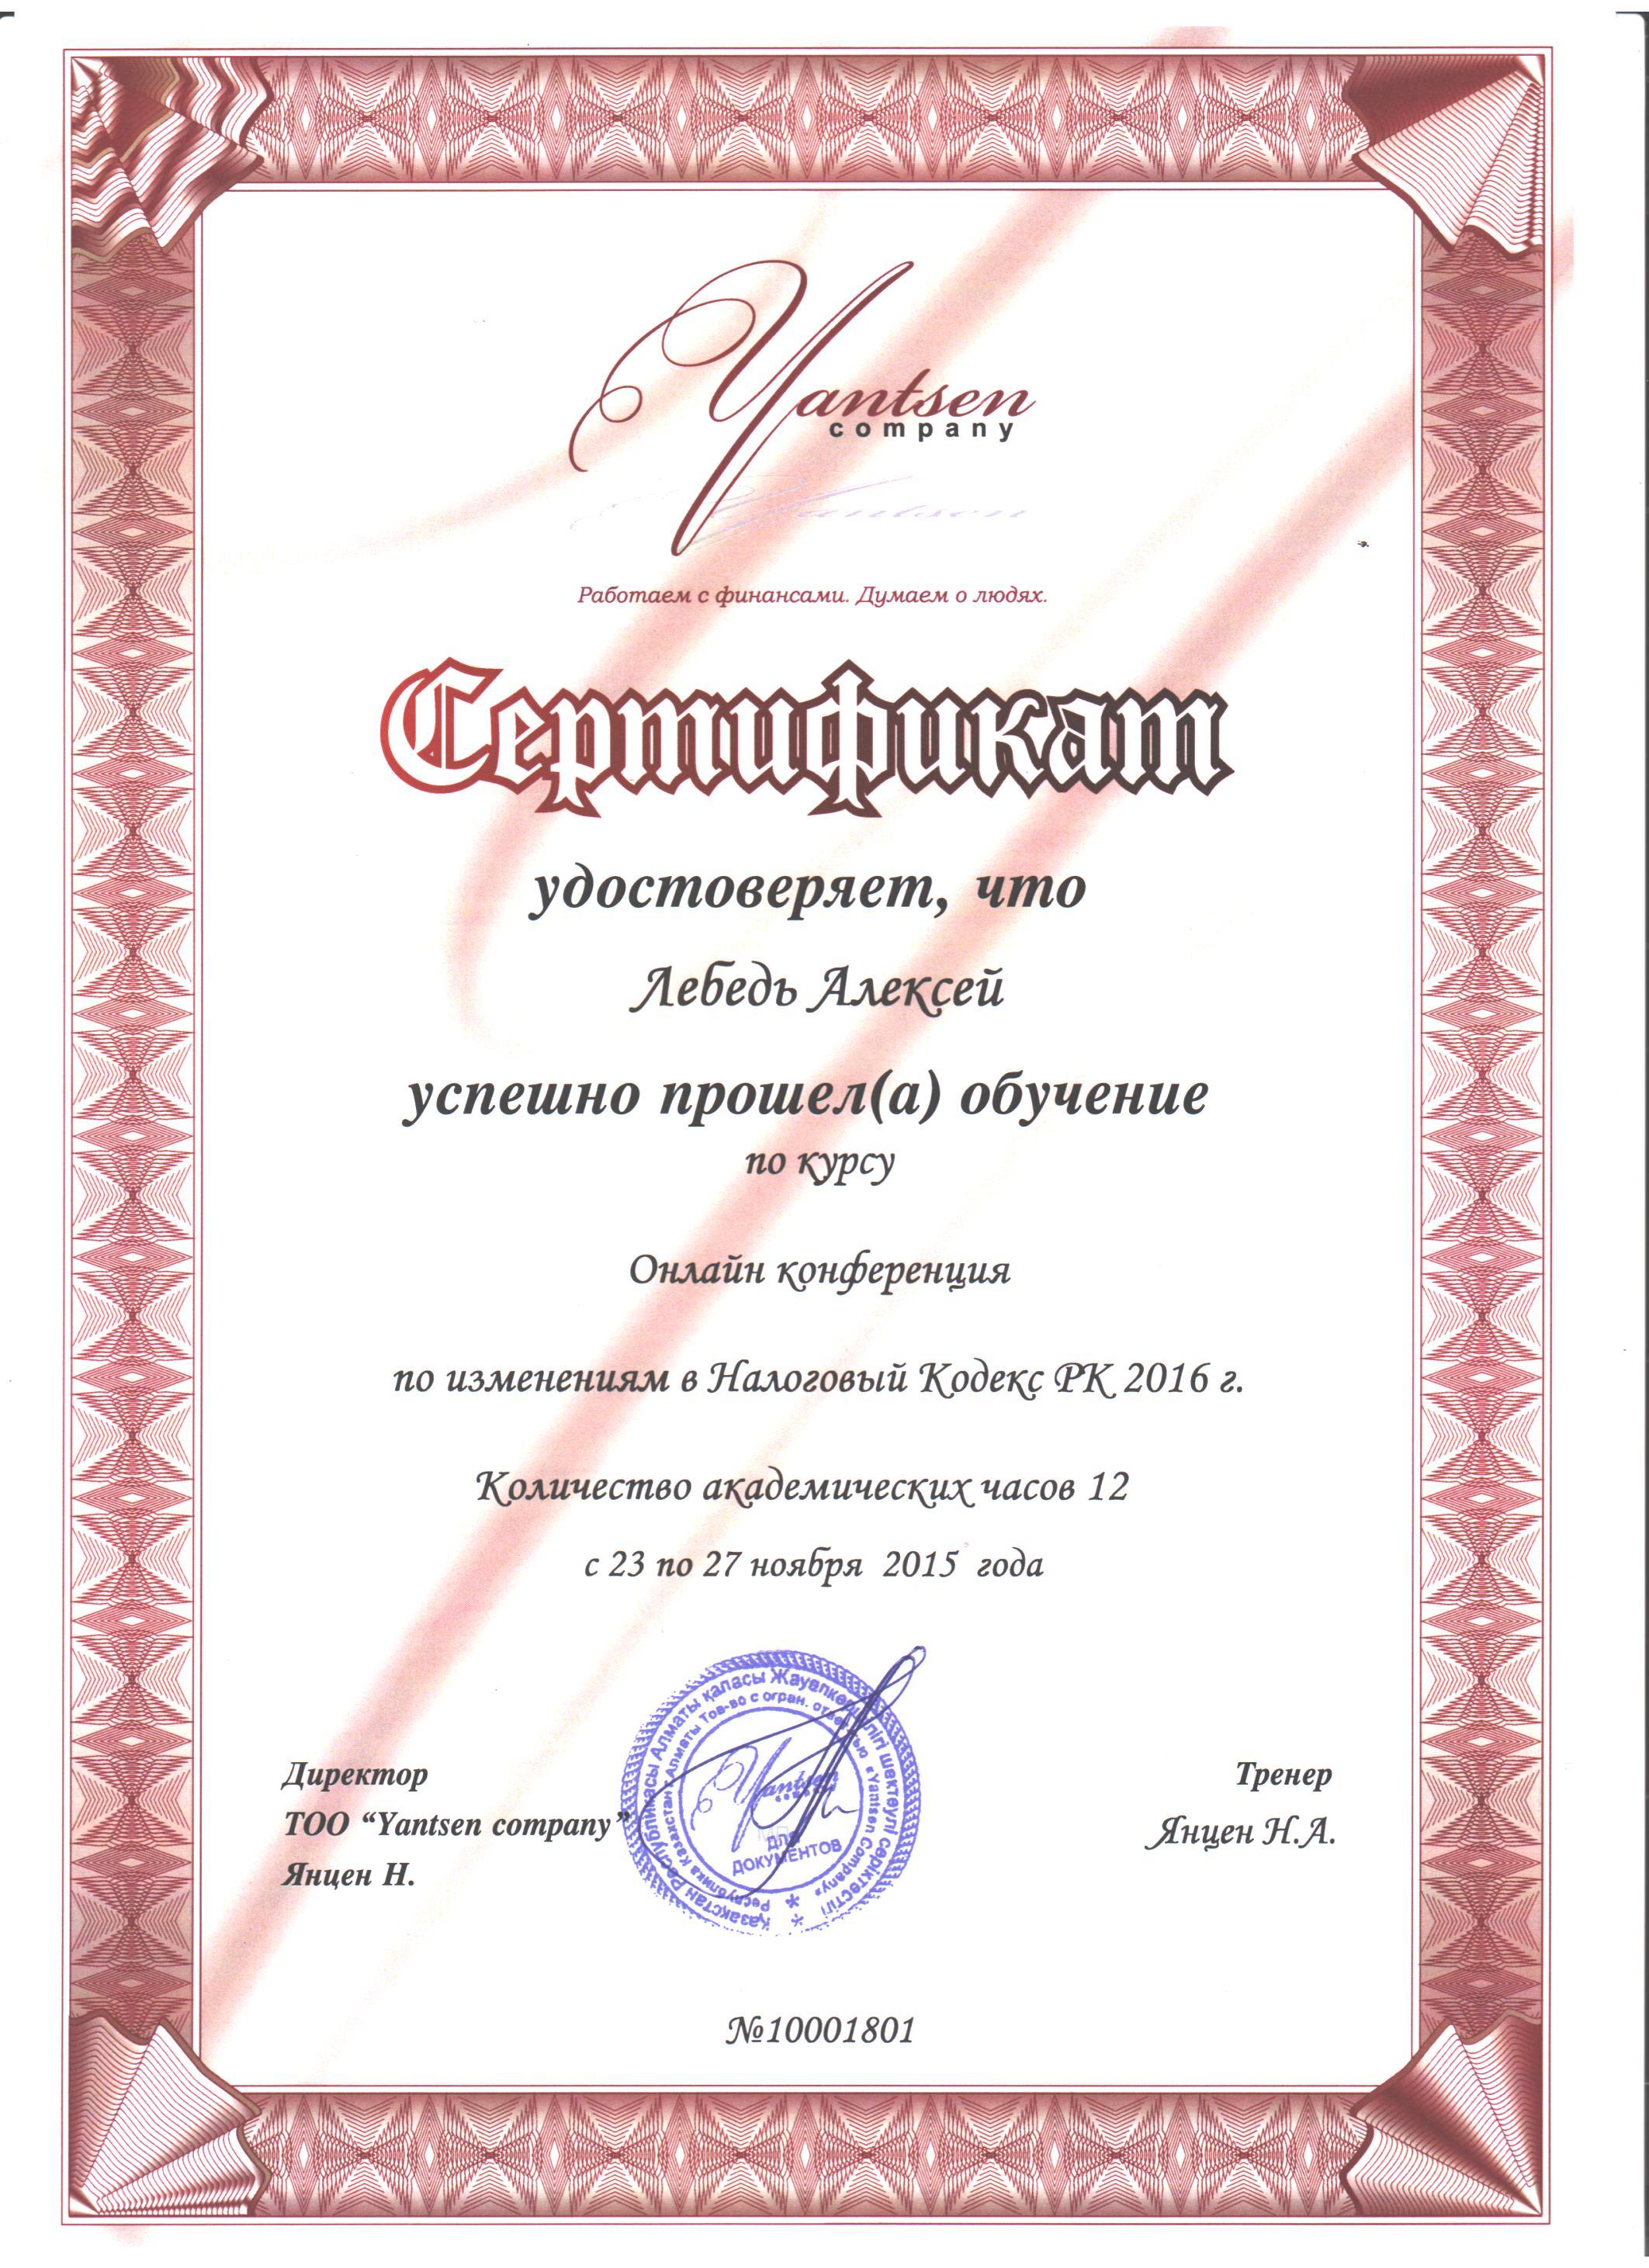 Сертификат Алексея Лебедь онлайн-конференция по изменениям в Налоговый Кодекс РК 2016 год